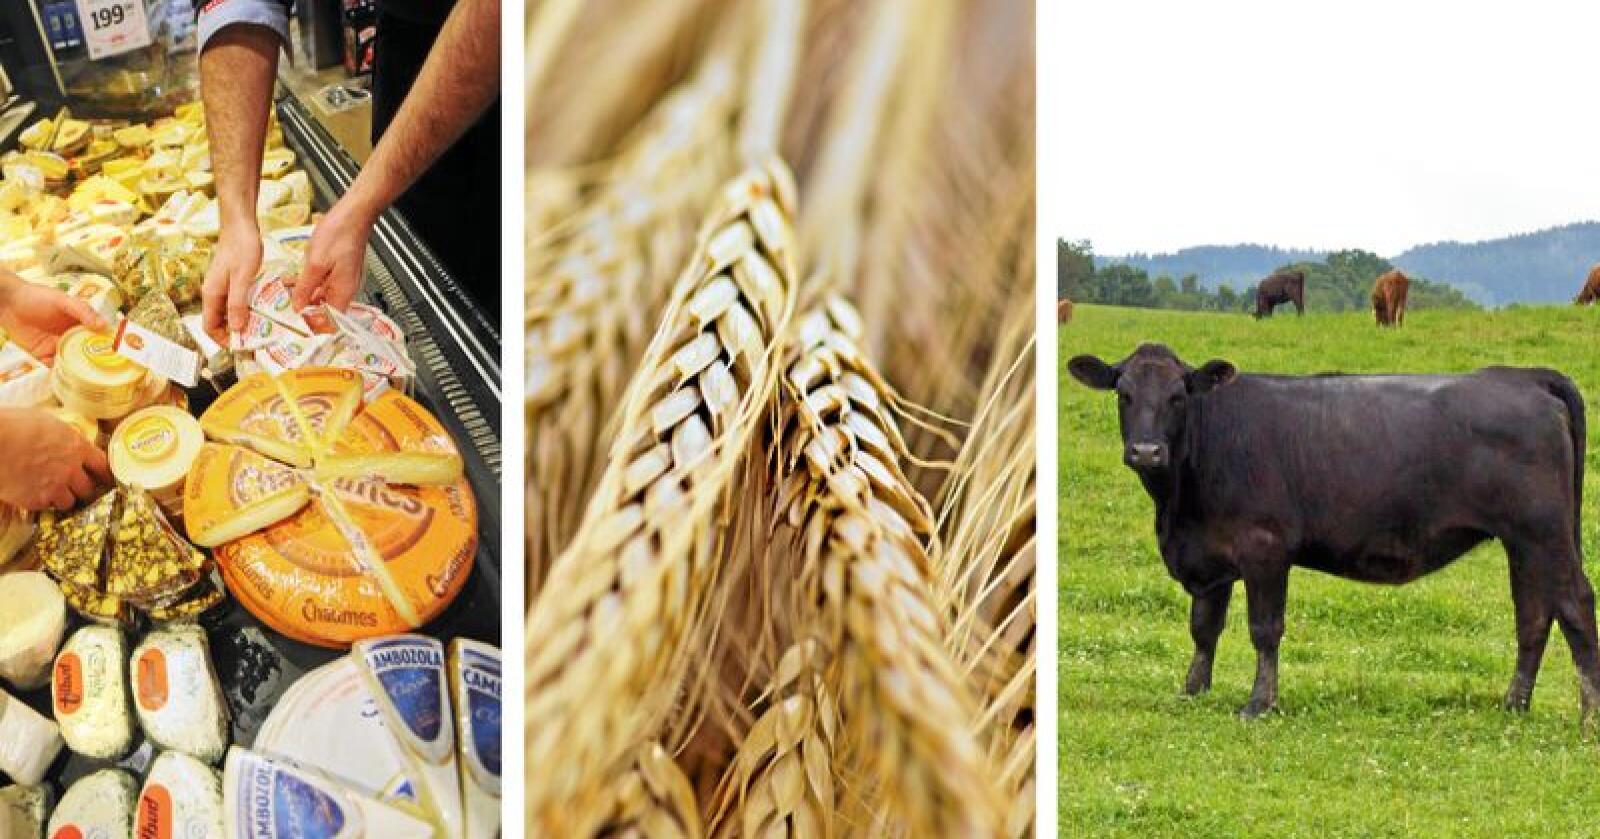 Importen har økt betraktelig de siste årene. I 2018 økte importen av ost og korn stort, kjøtt gikk noe ned på grunn av fôrsituasjon og økt slakting. Foto: Juell Rasmussen / Mostphotos